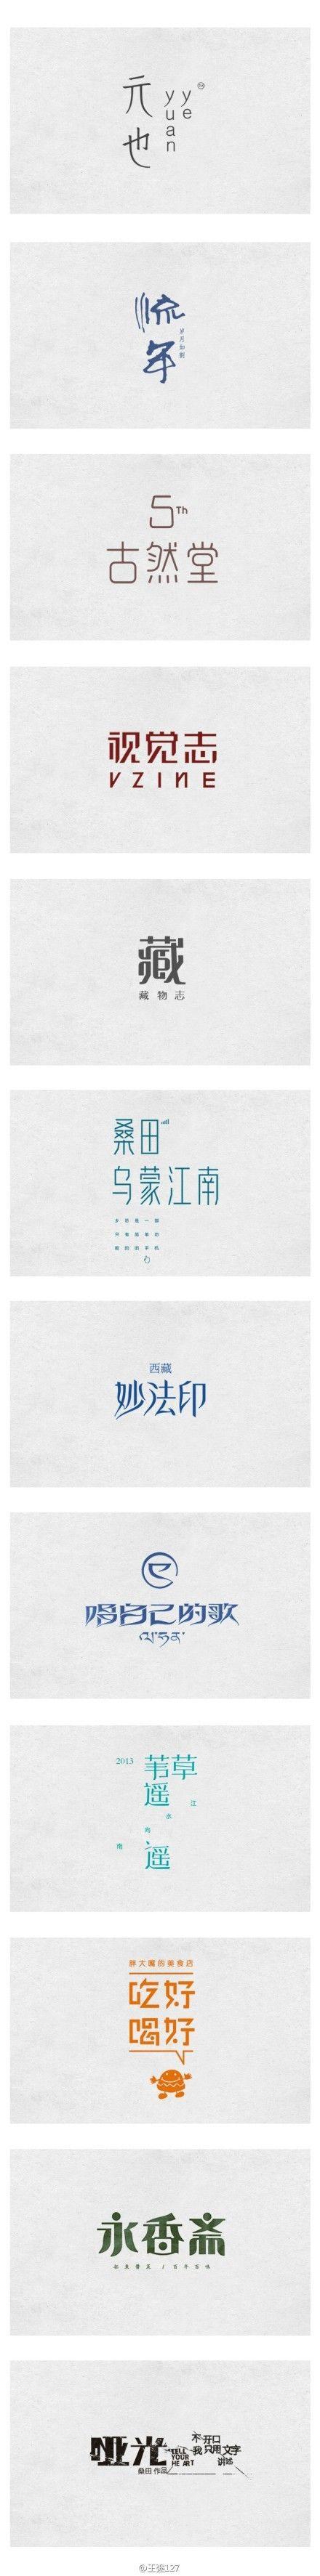 #字体设计#